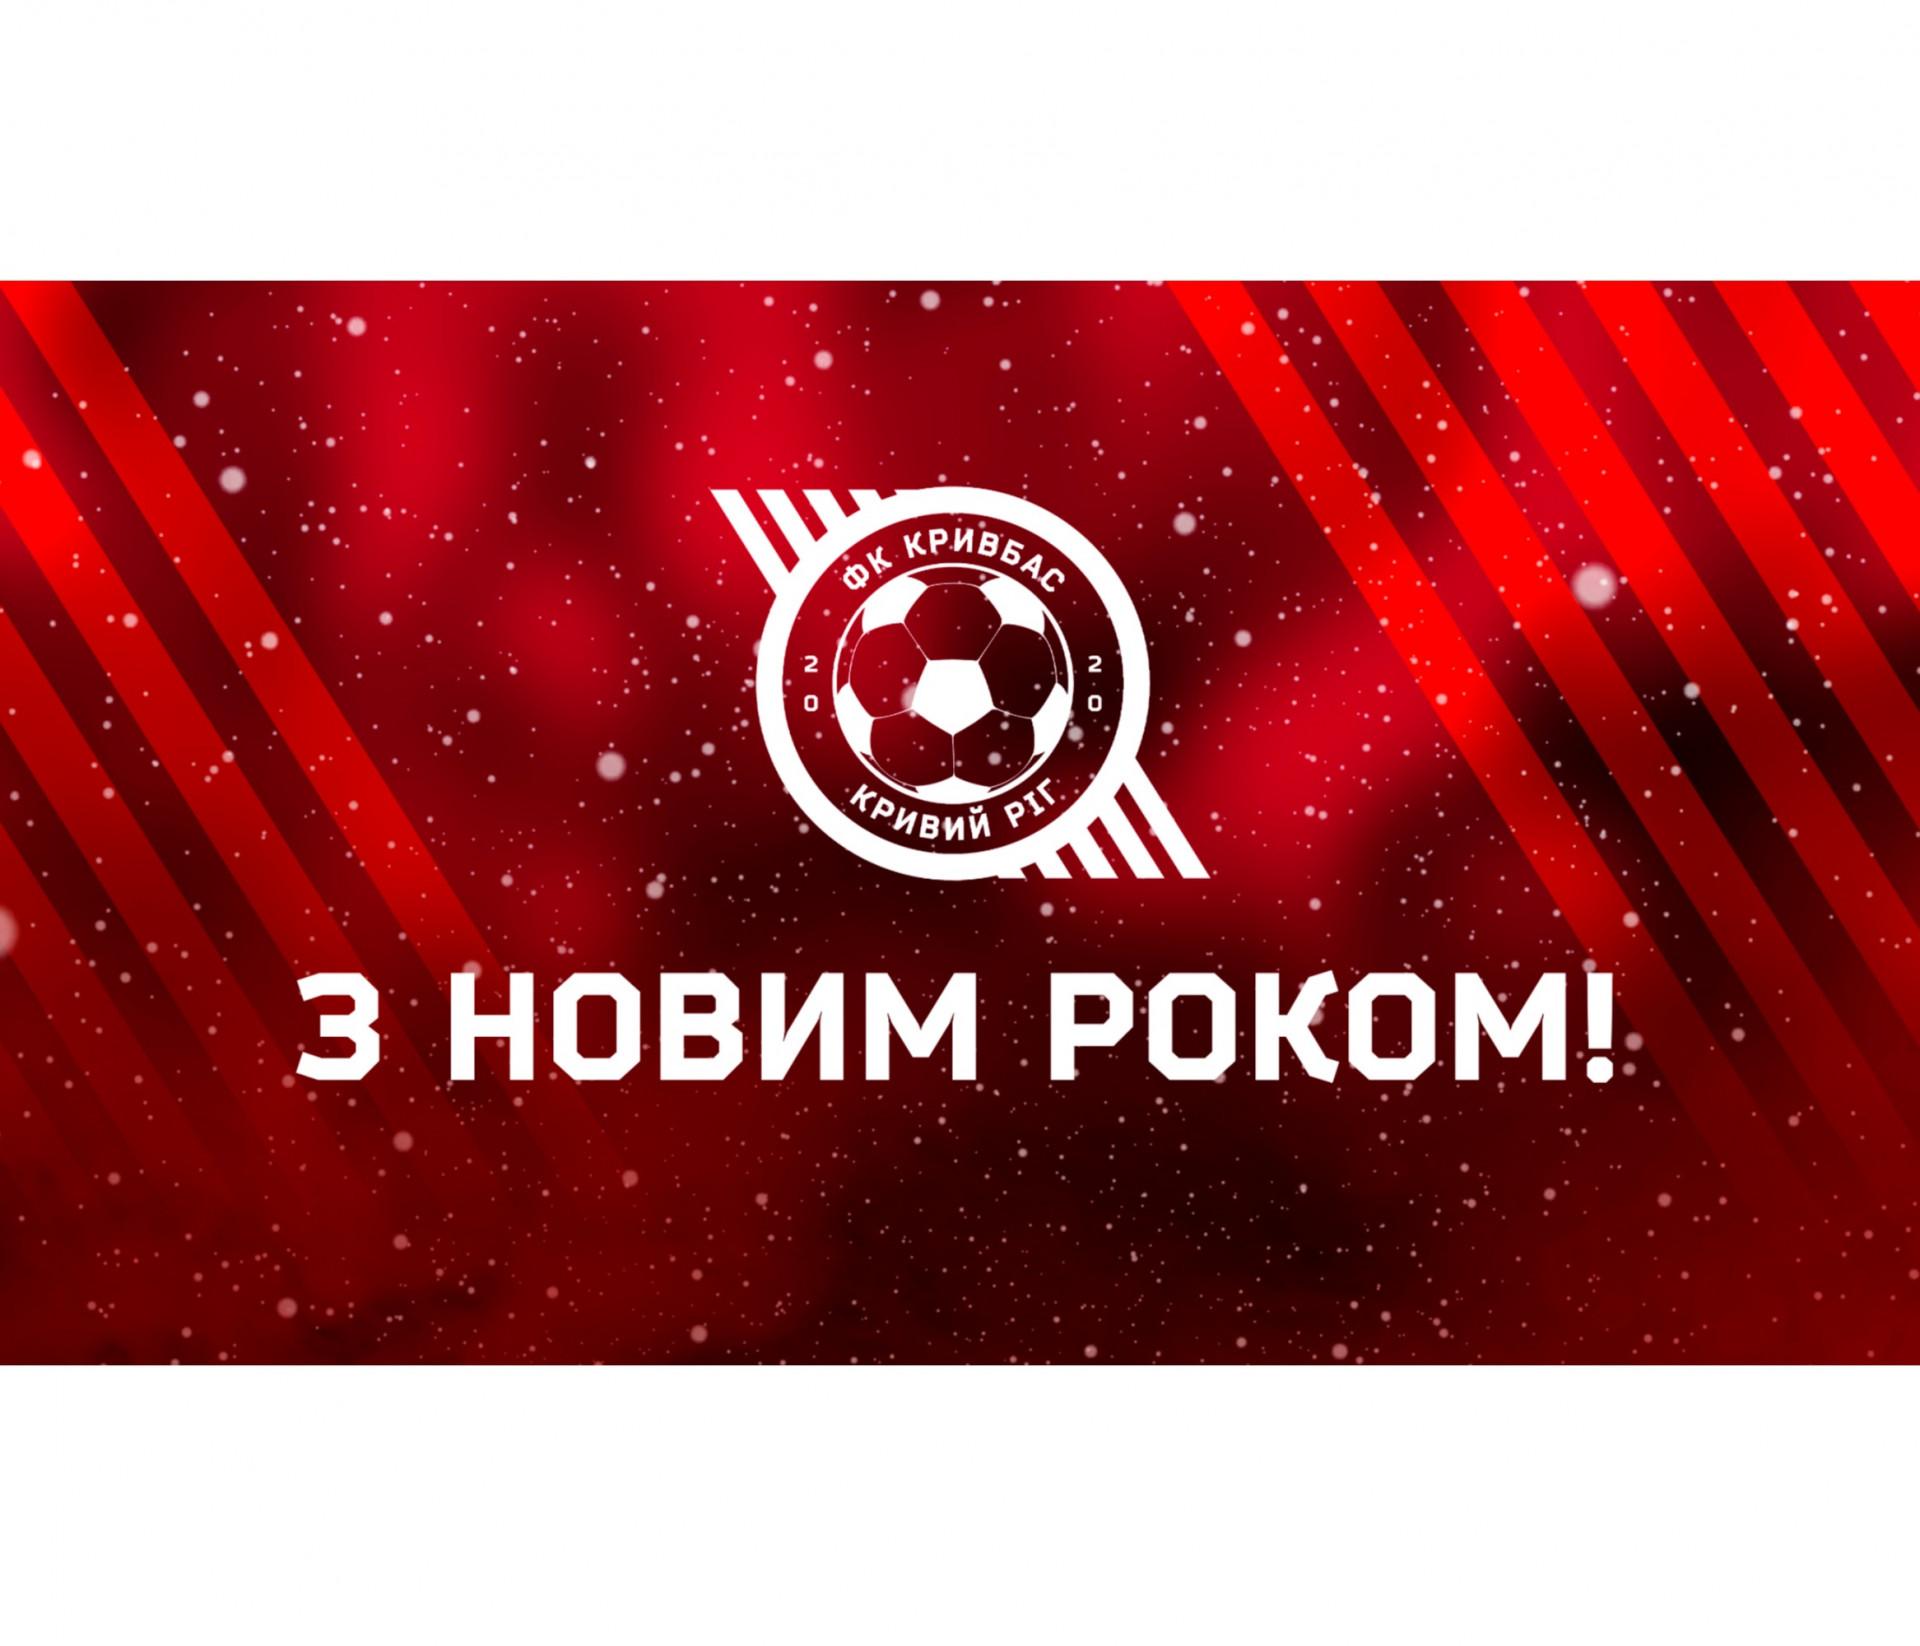 """Новорічне привітання ФК """"Кривбас""""}"""